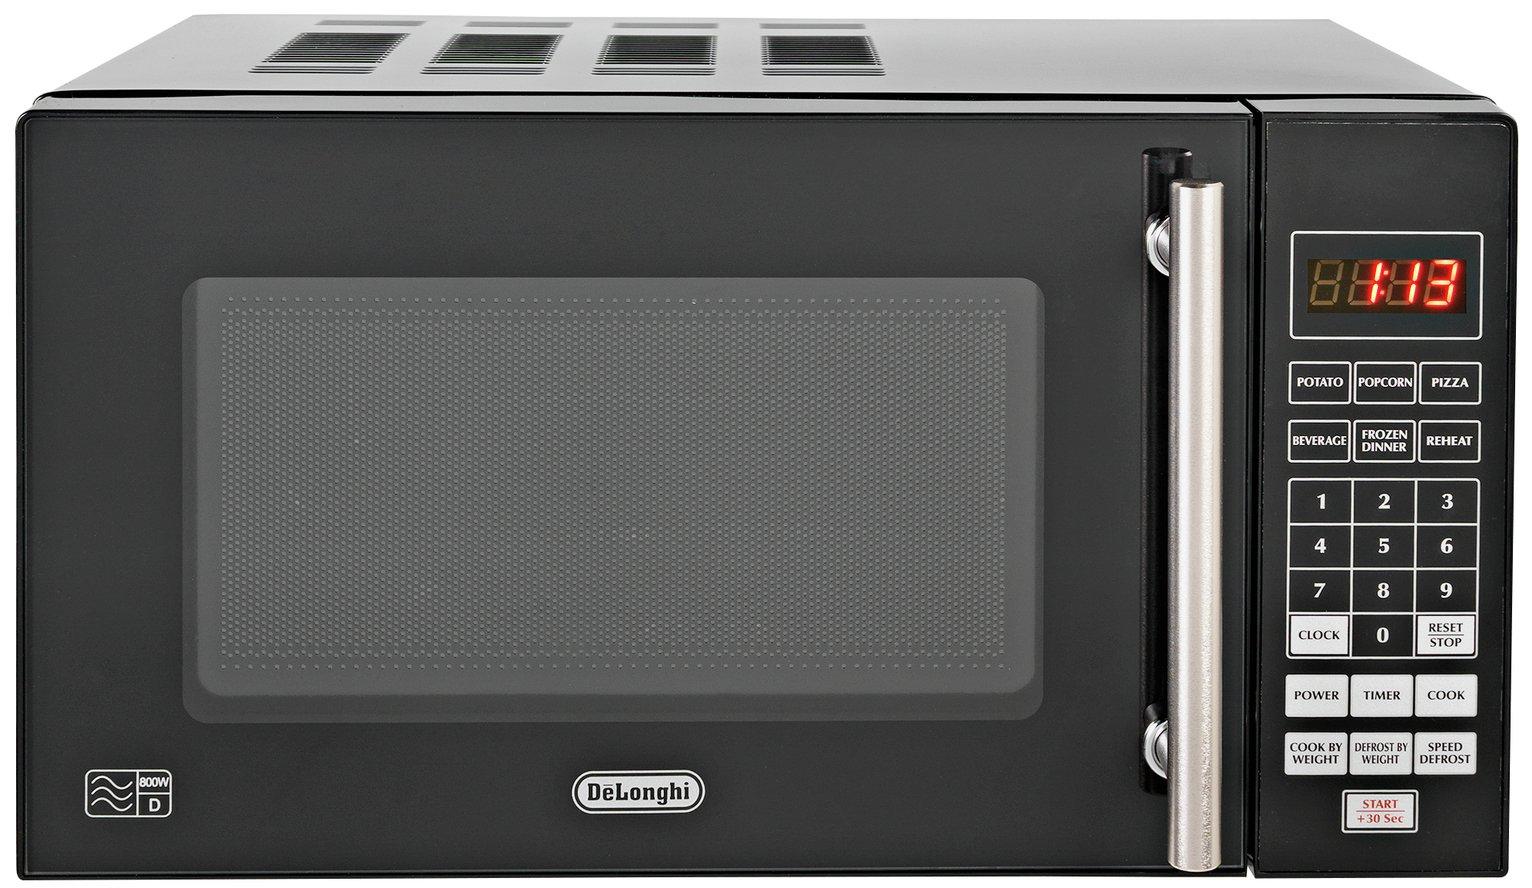 Image of De'Longhi 800W Standard Microwave P80Q7A - Black